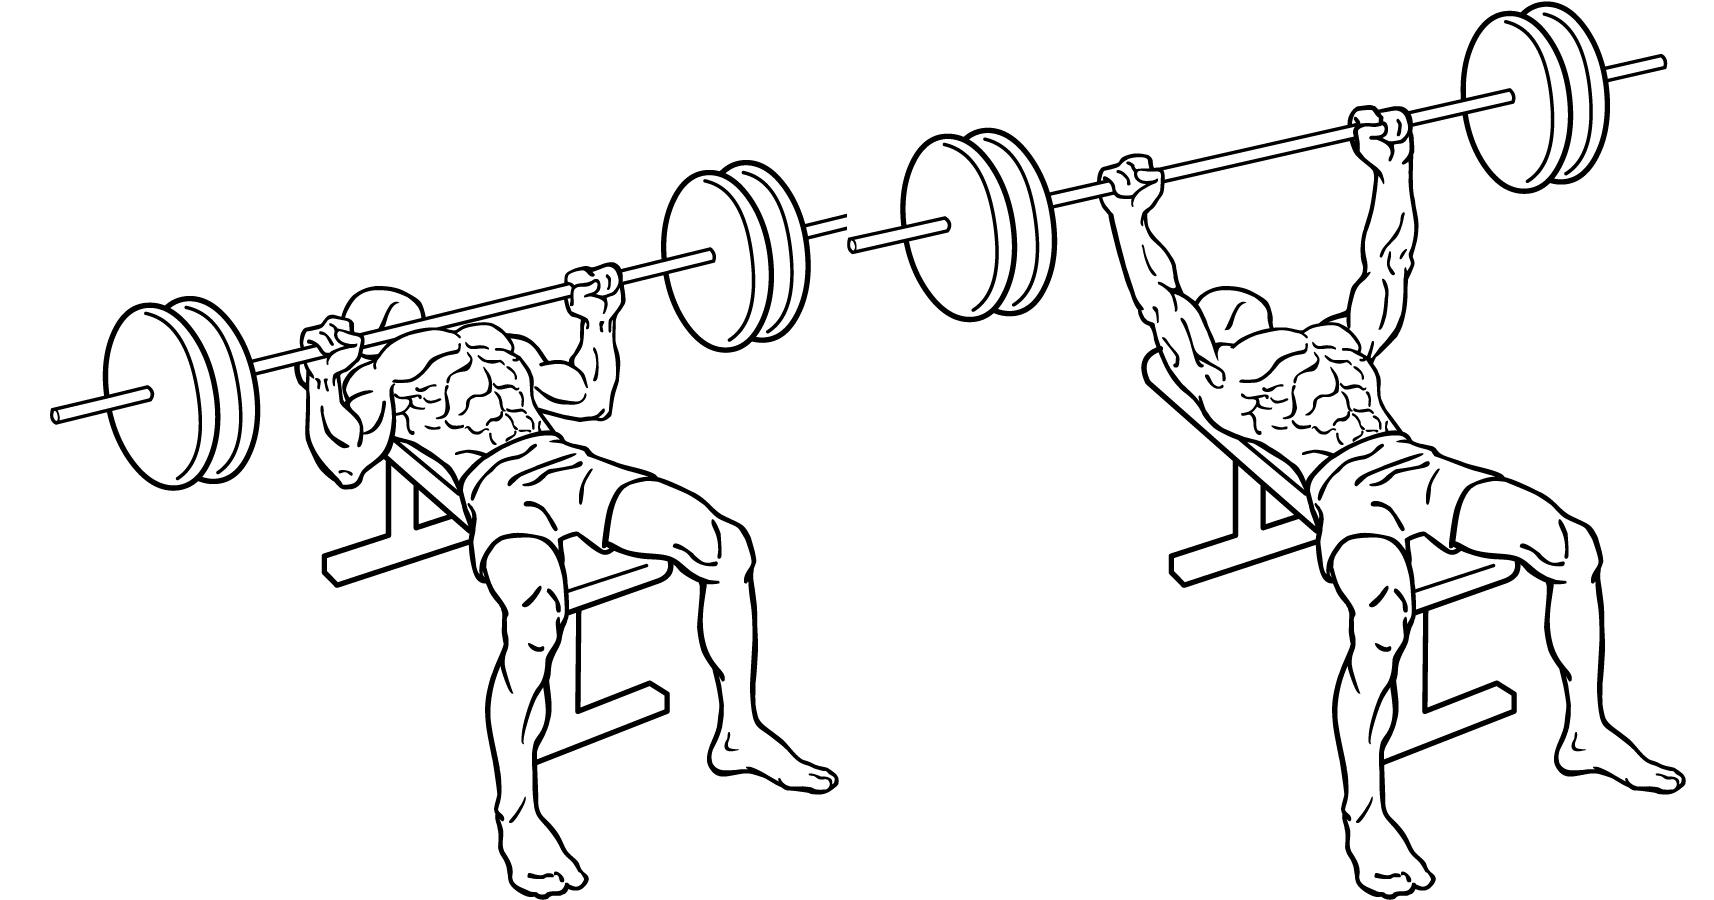 Bench-press-2-horz.jpg